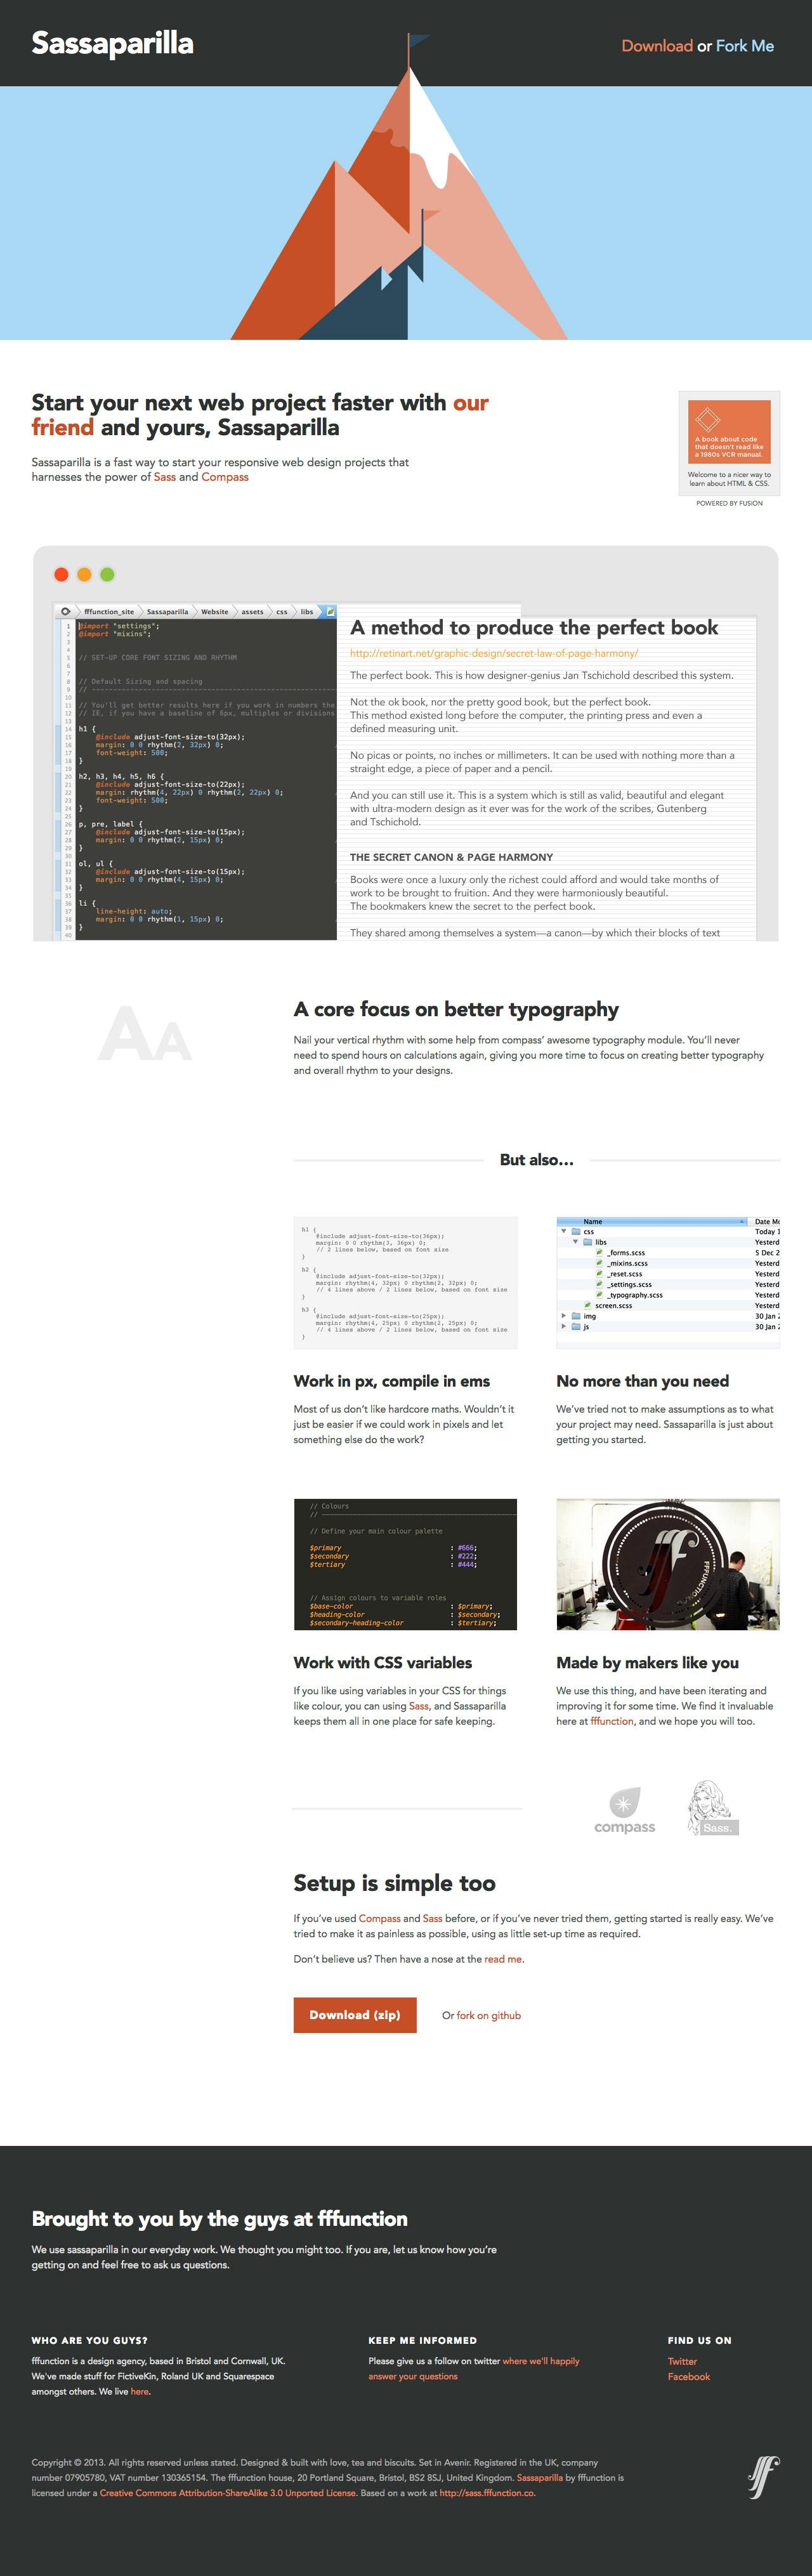 Sassaparilla Website Screenshot